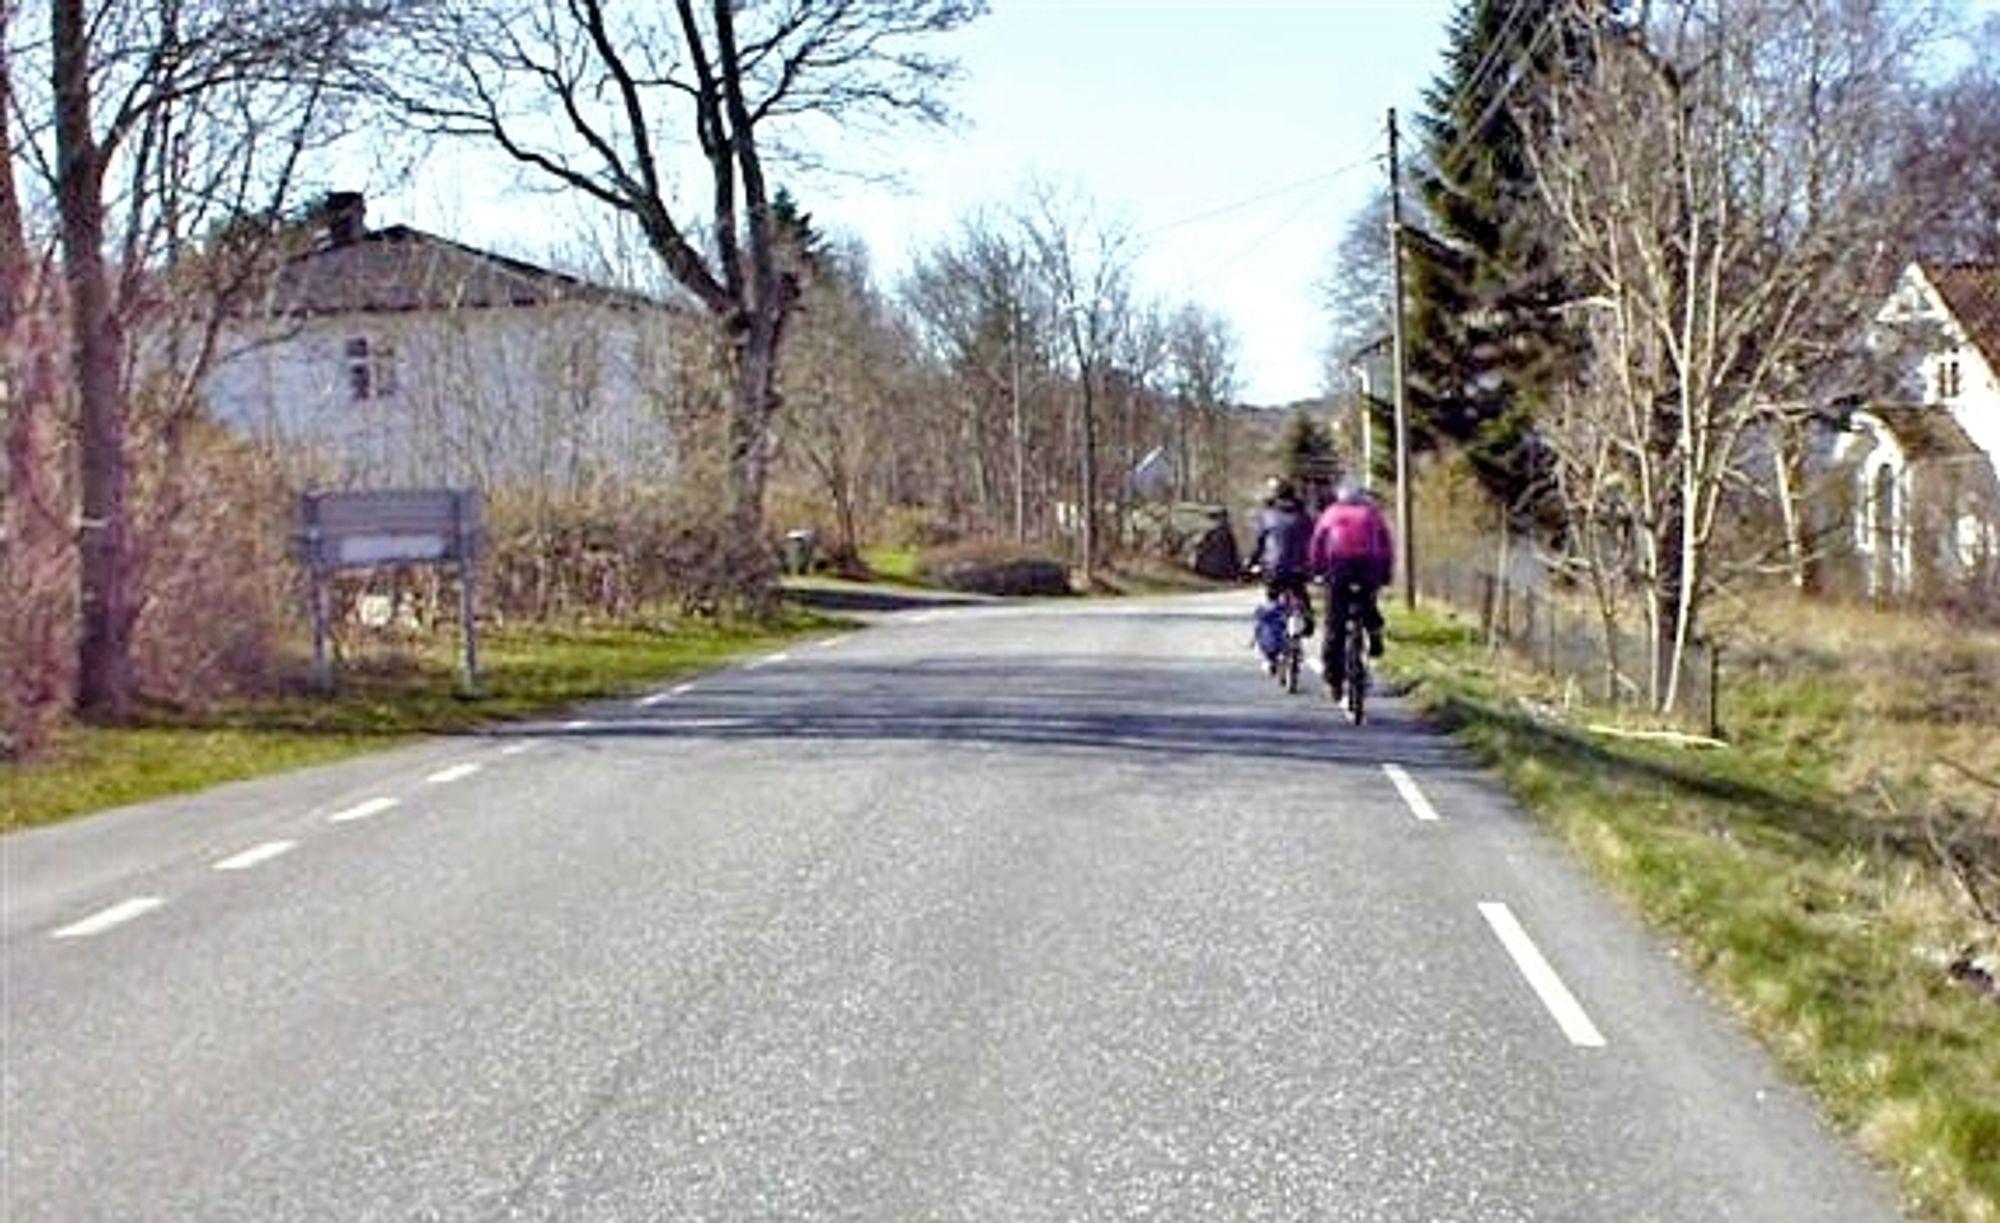 Å sykle langs fylkesveg 308 er ikke særlig fristende. Om to år blir forholdene mye bedre. Gang/sykkelvegen kommer til venstre på bildet.